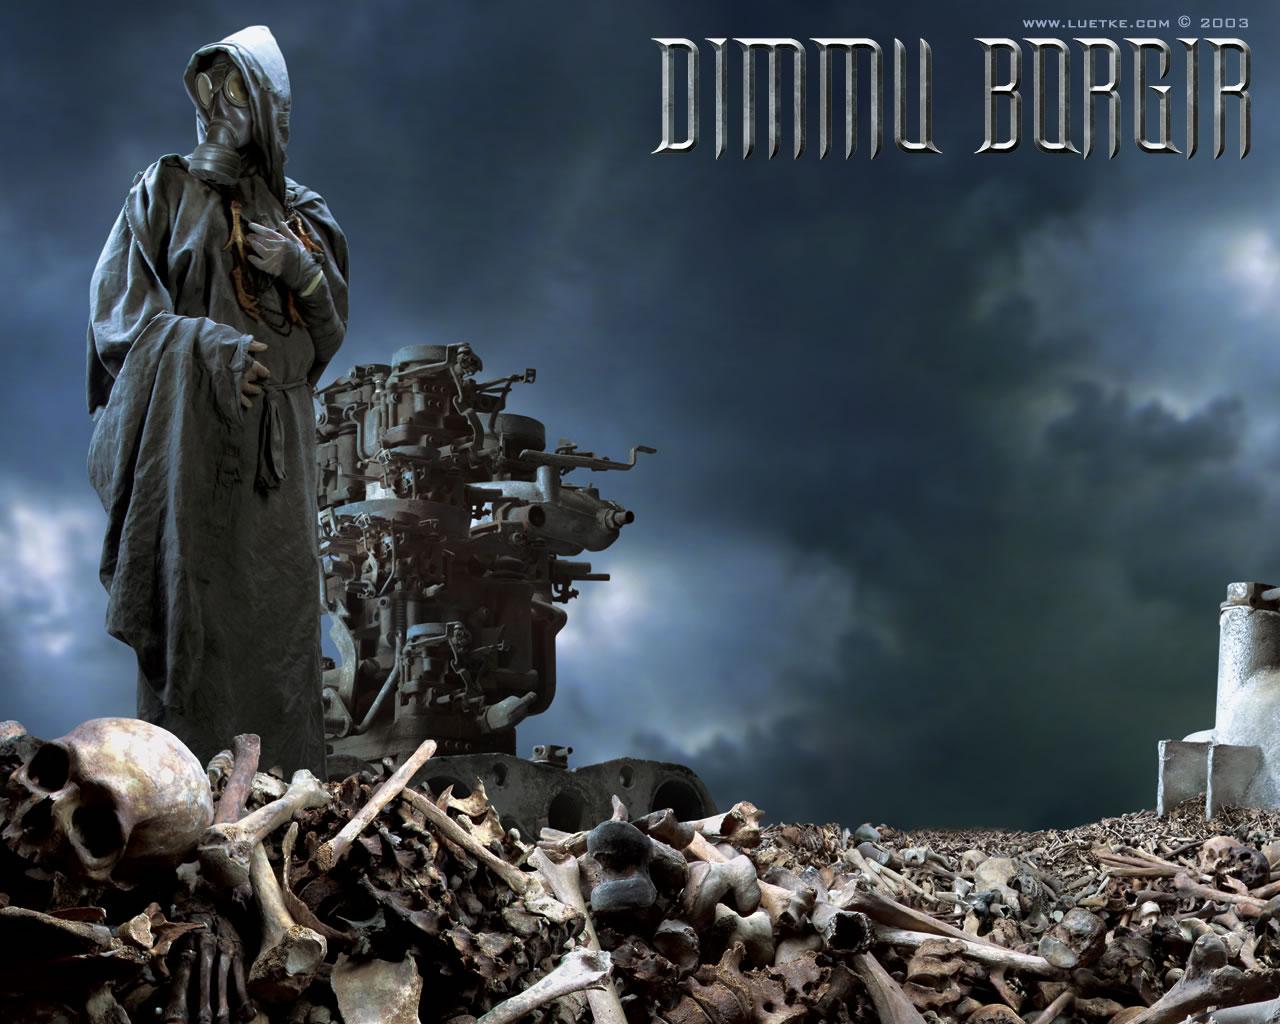 http://4.bp.blogspot.com/_kBtJGNKnIXg/TMhmUen1jeI/AAAAAAAAABA/EfCQCgqIEHY/s1600/Dimmu+Borgir+wallpaper+%283%29.jpg